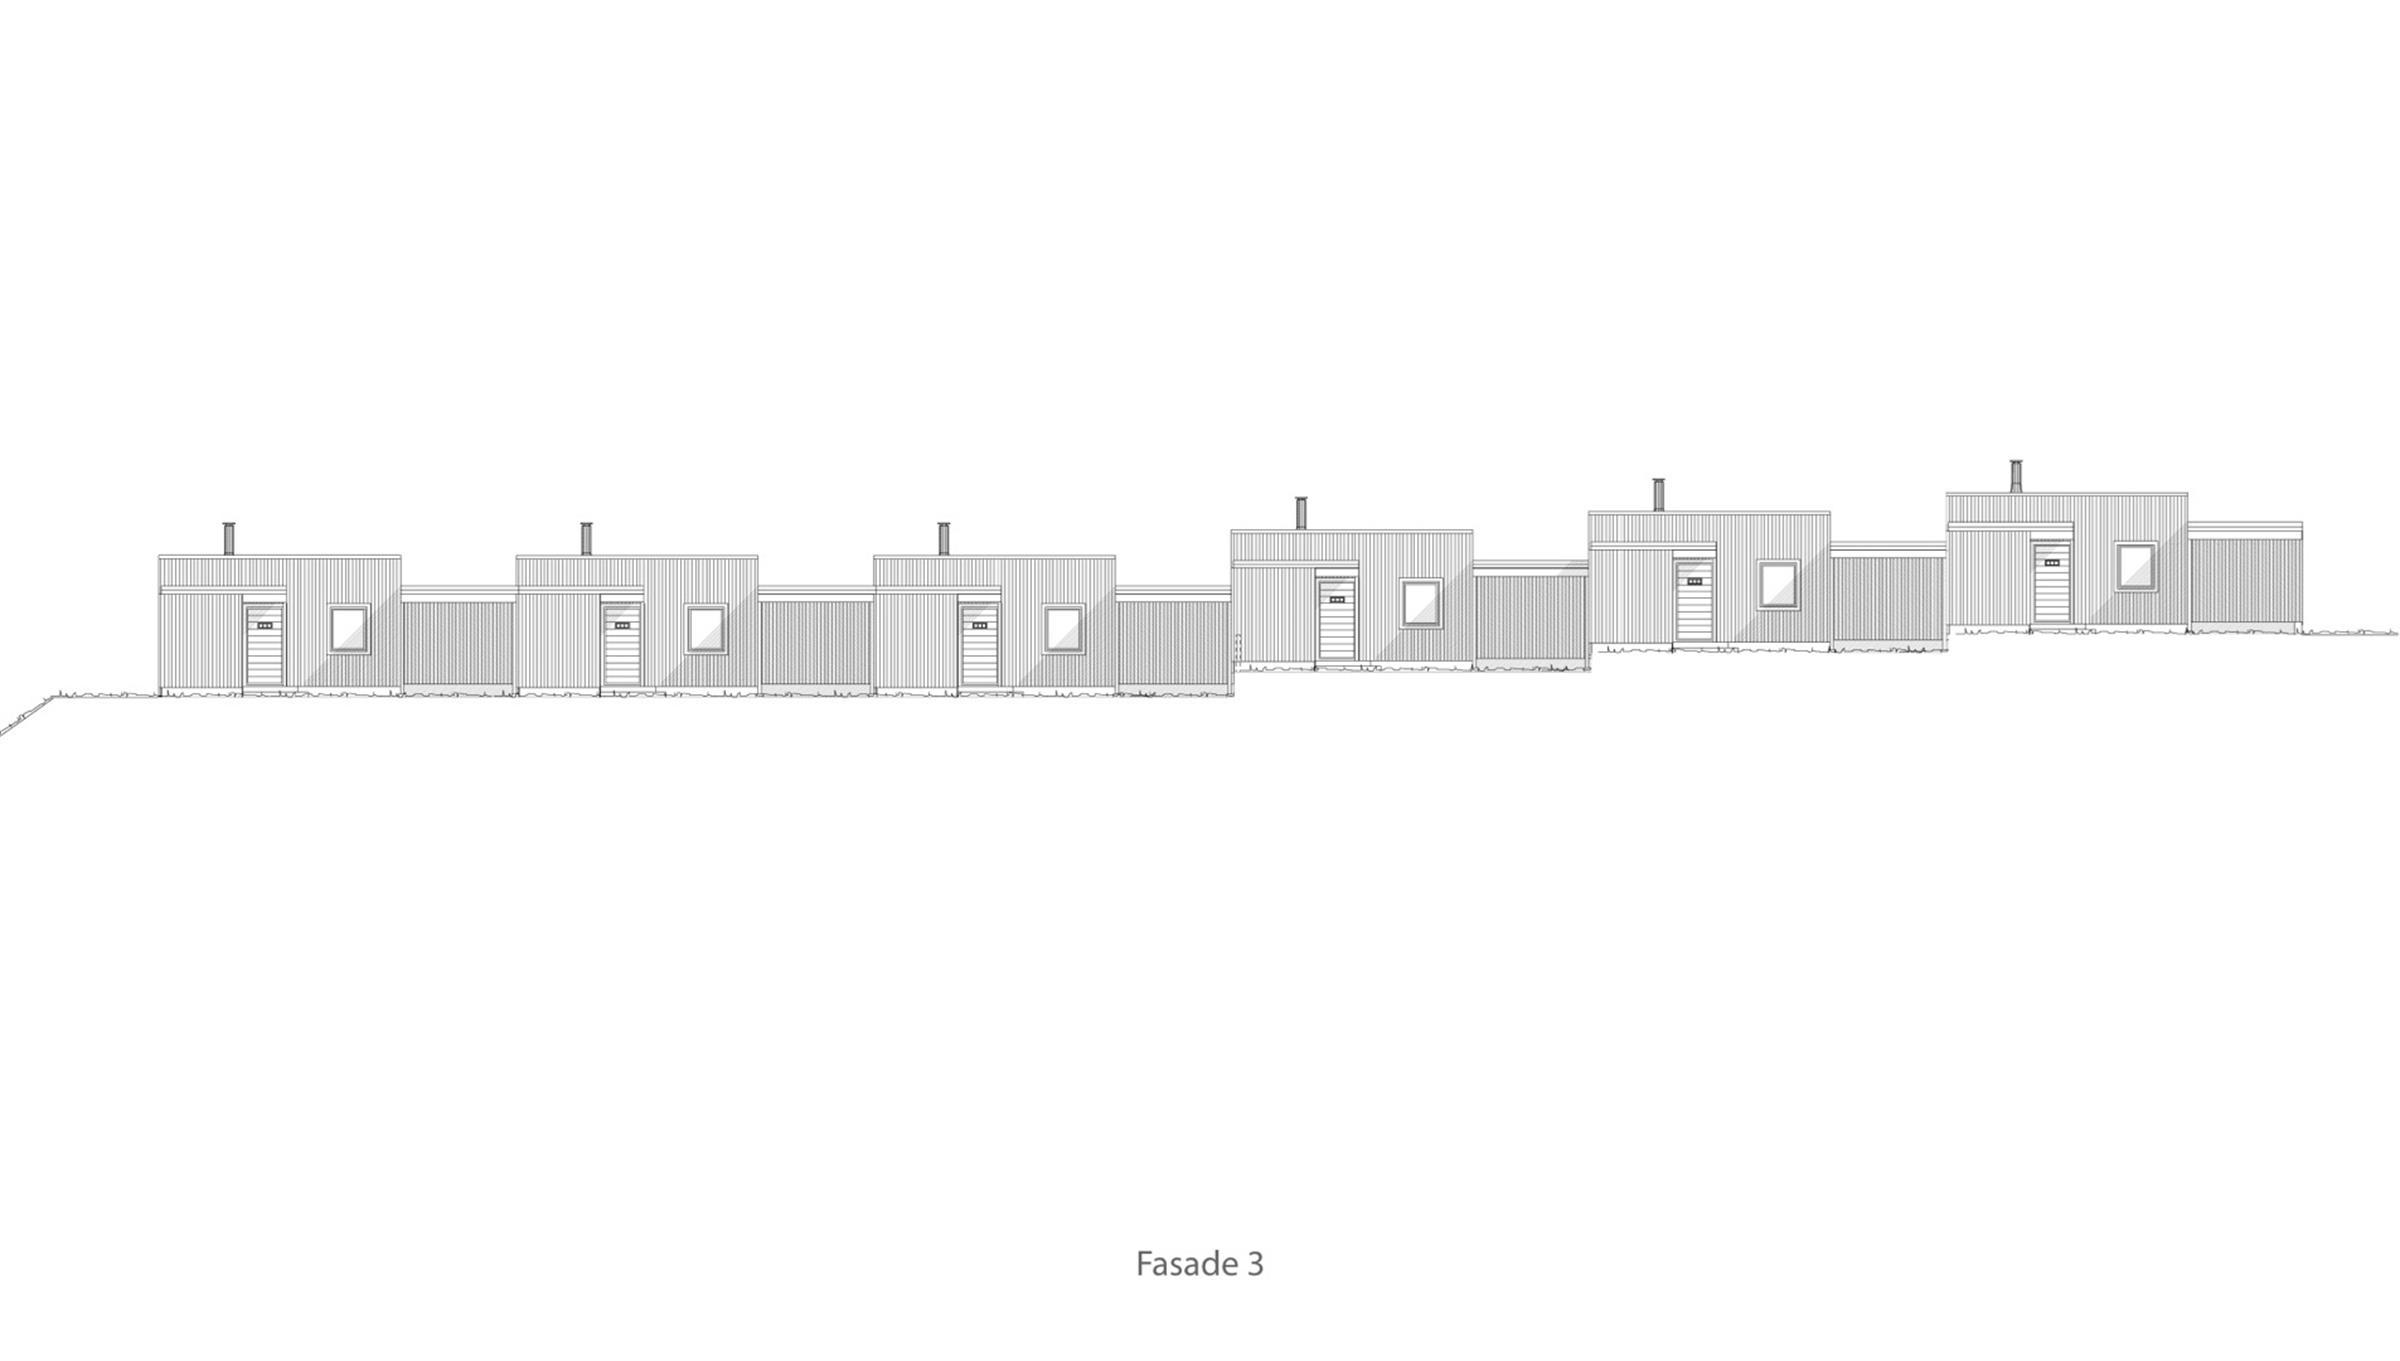 Finnsnes fasade 3